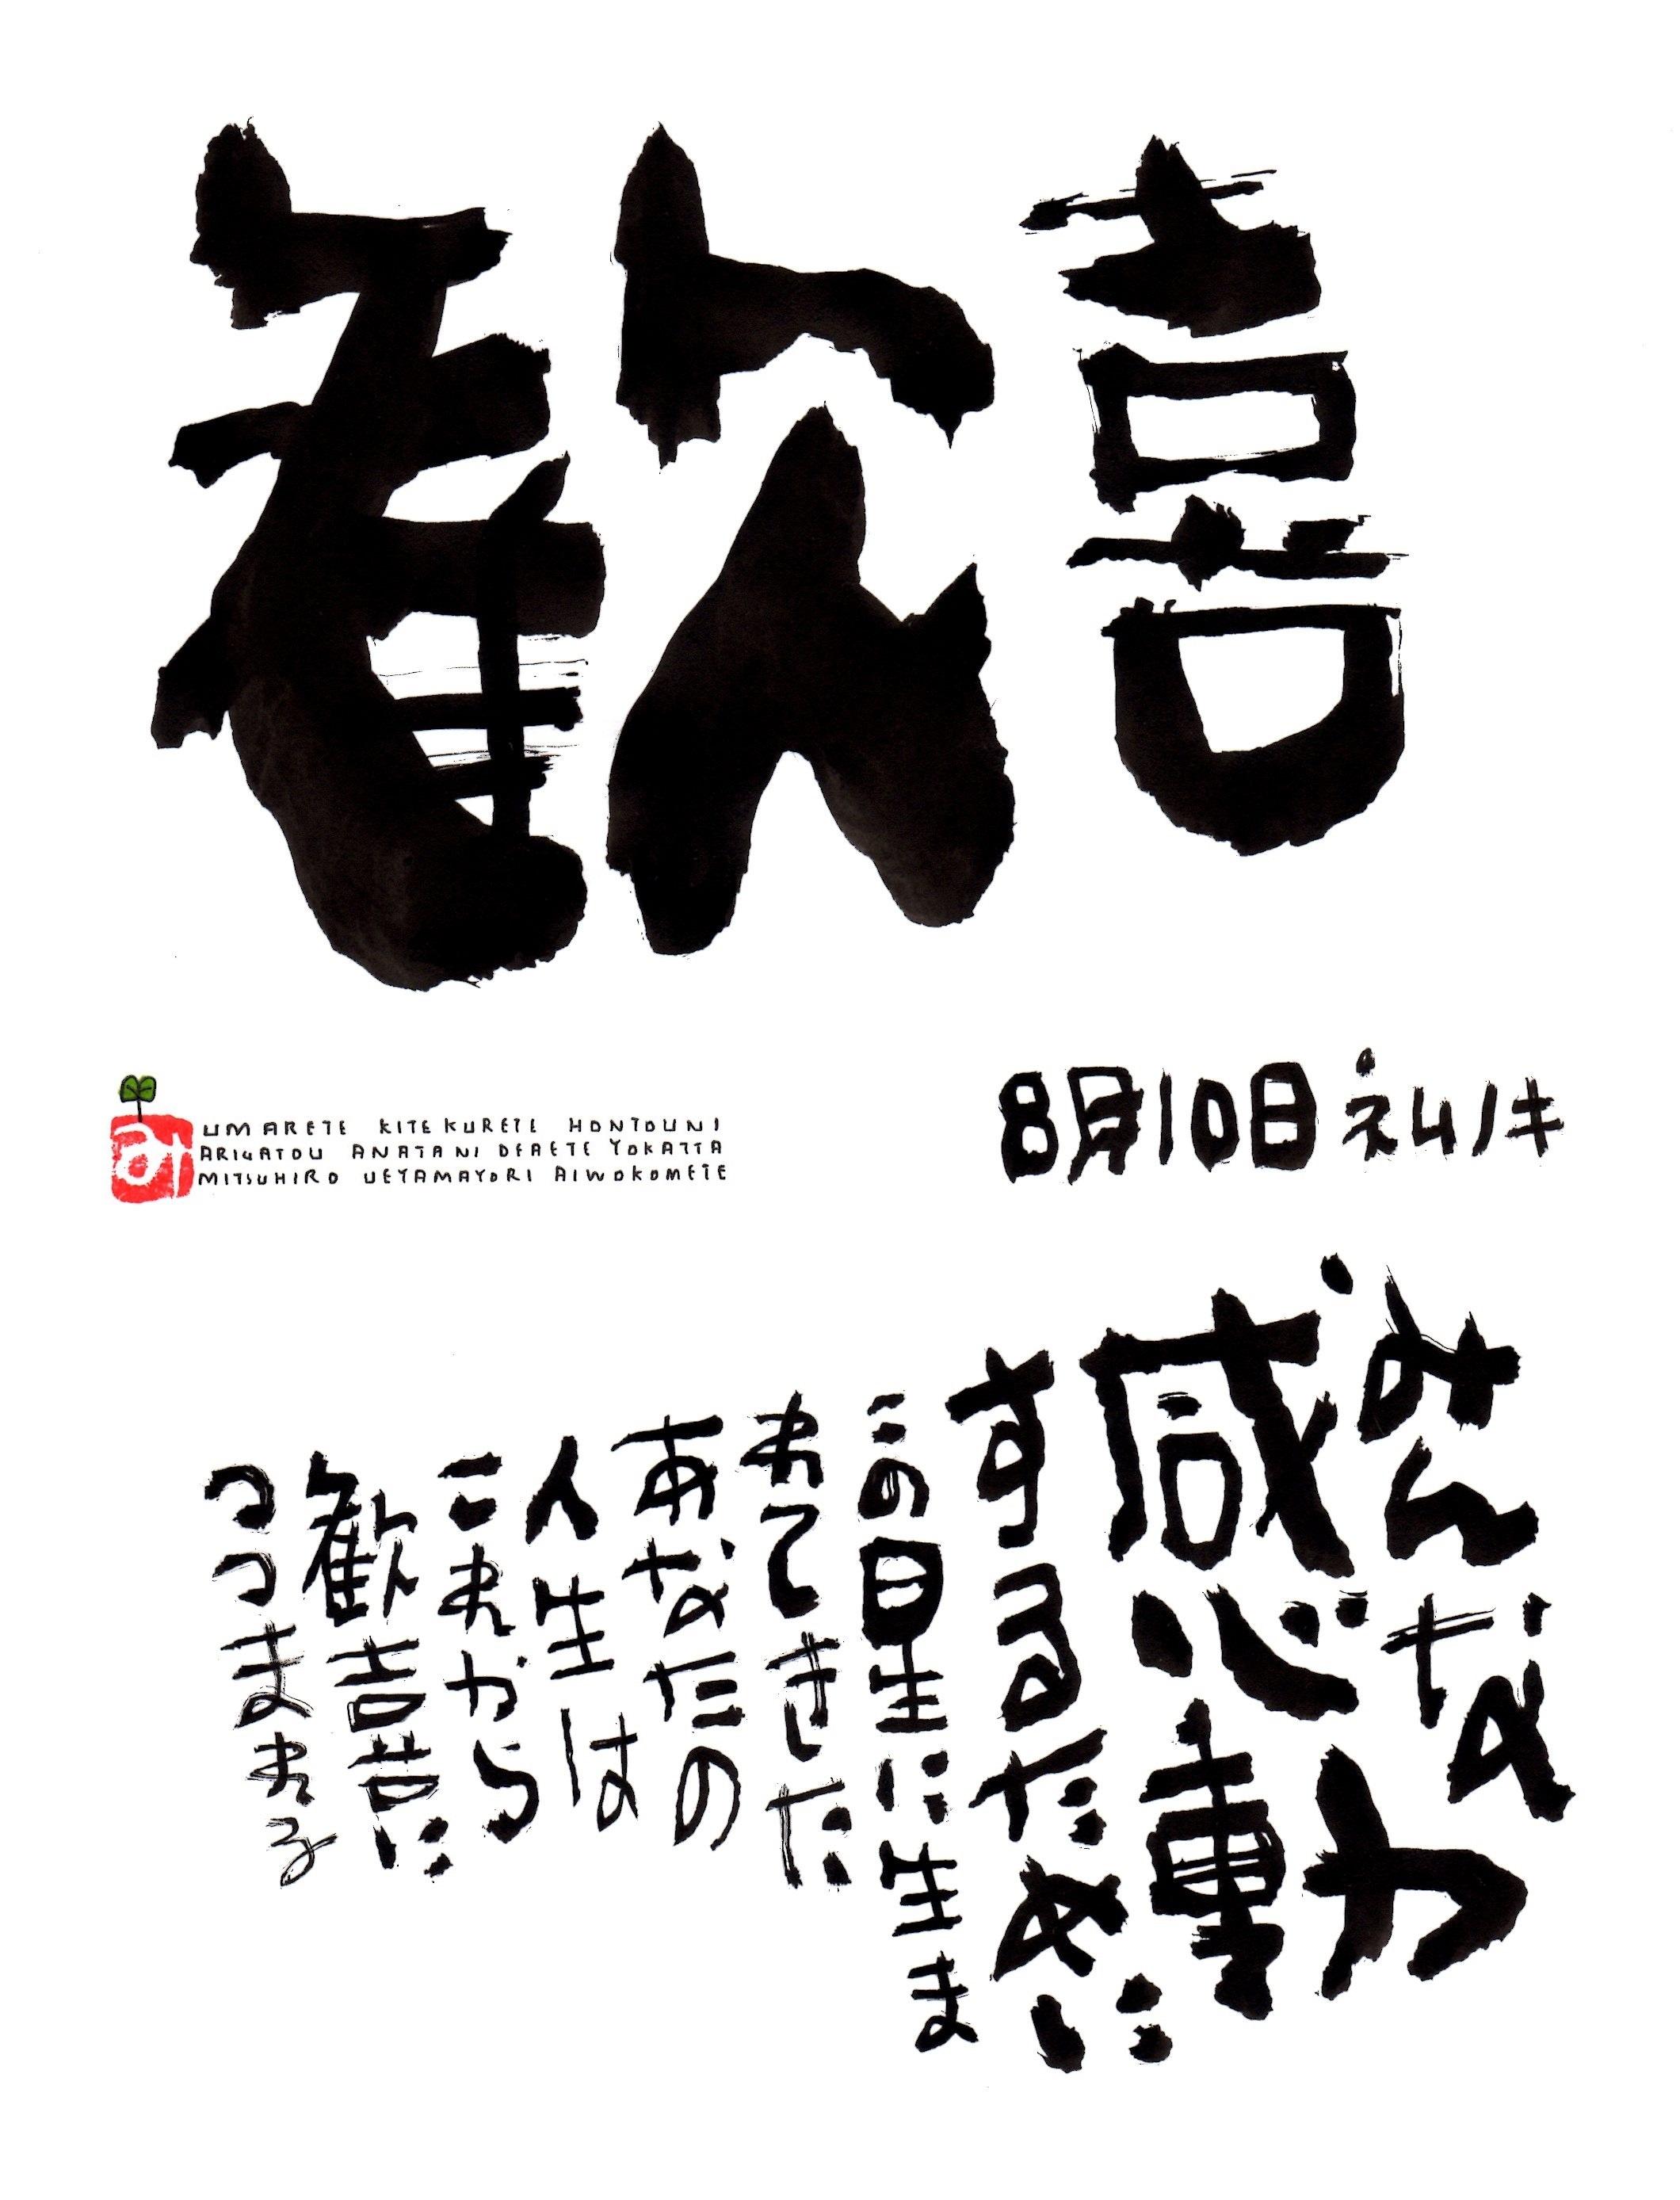 8月10日 誕生日ポストカード【歓喜】Rejoicing